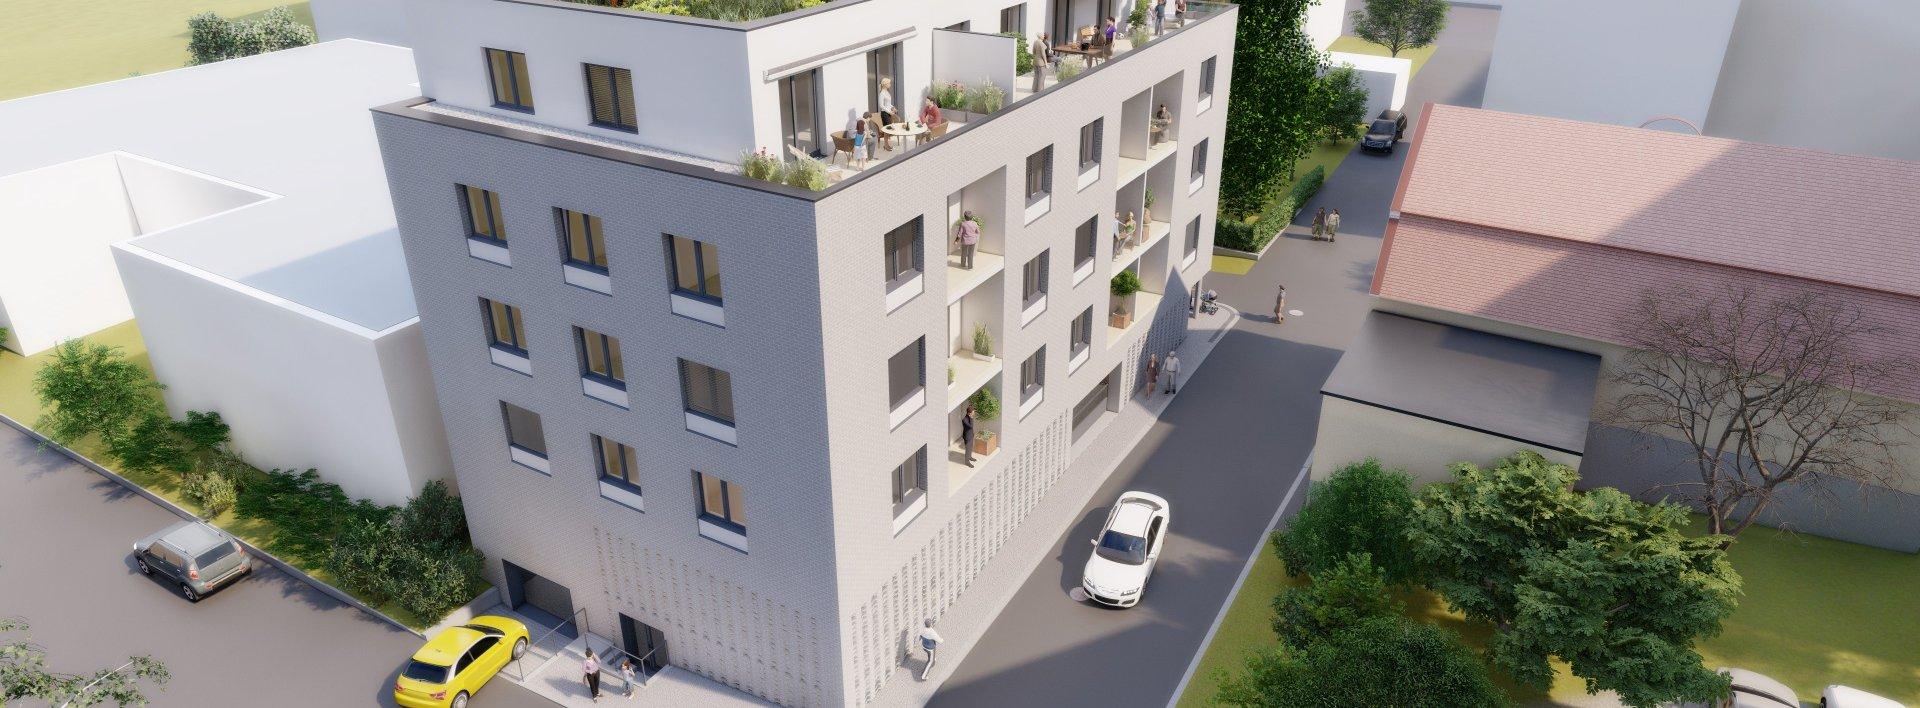 Nadstandardní byt 3+kk v novostavbě v centru Liberce, Ev.č.: N49323